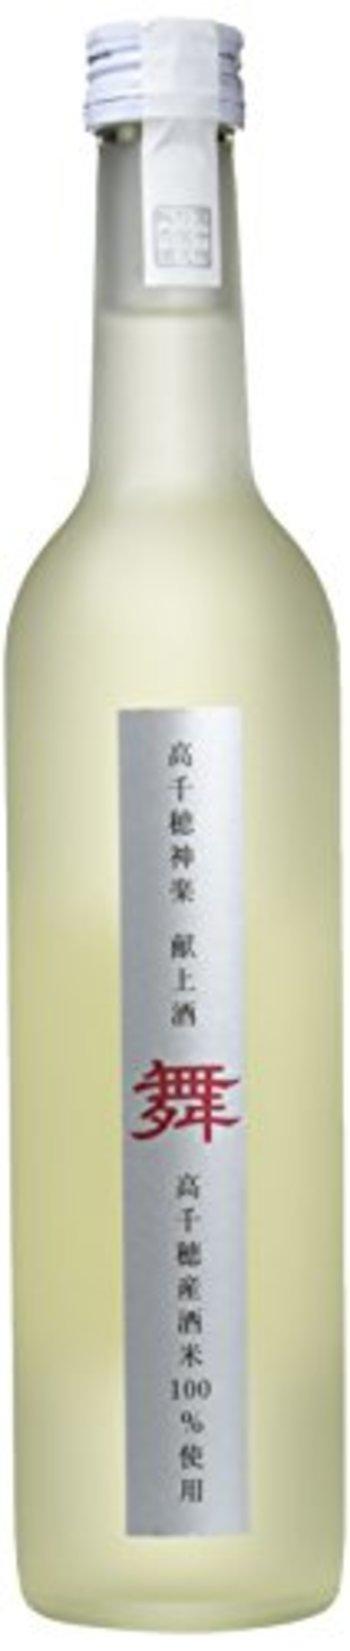 宮崎の日本酒おすすめ人気ランキング7選【千徳・夢の中まで・はなかぐらも!】のアイキャッチ画像2枚目